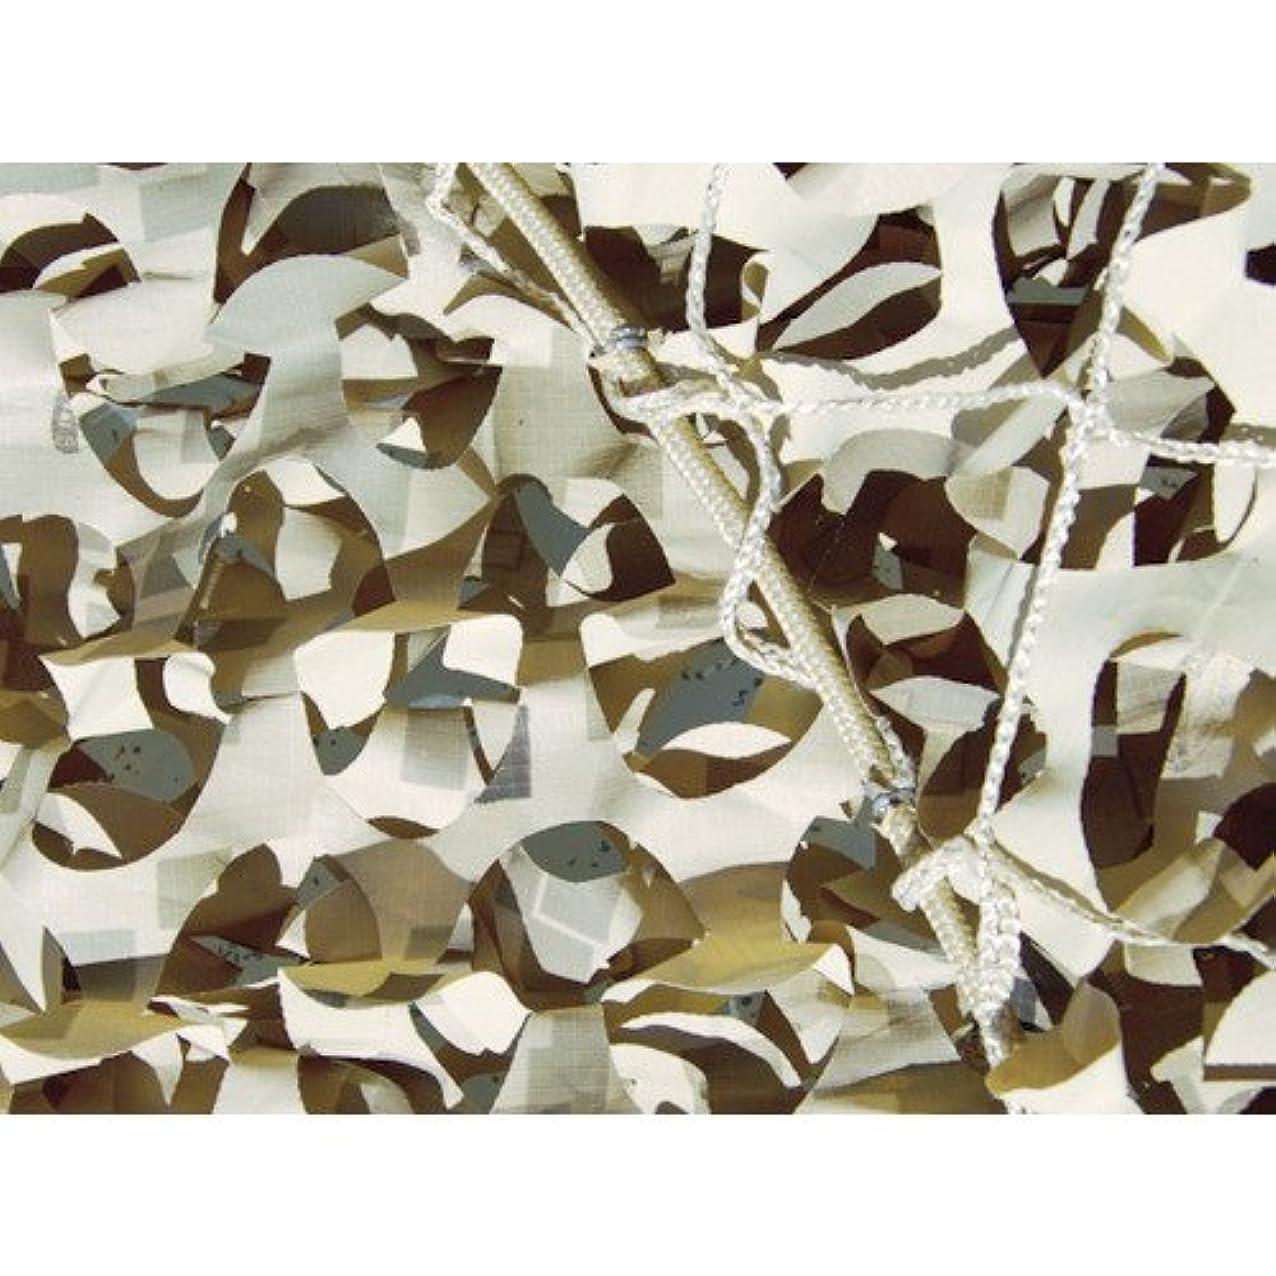 ダイヤモンド慣れているアンティークトラスコ中山 CAMO スペシャリスト レギュラーXミリタリー デジタルデザート 1.8mX3 DD07